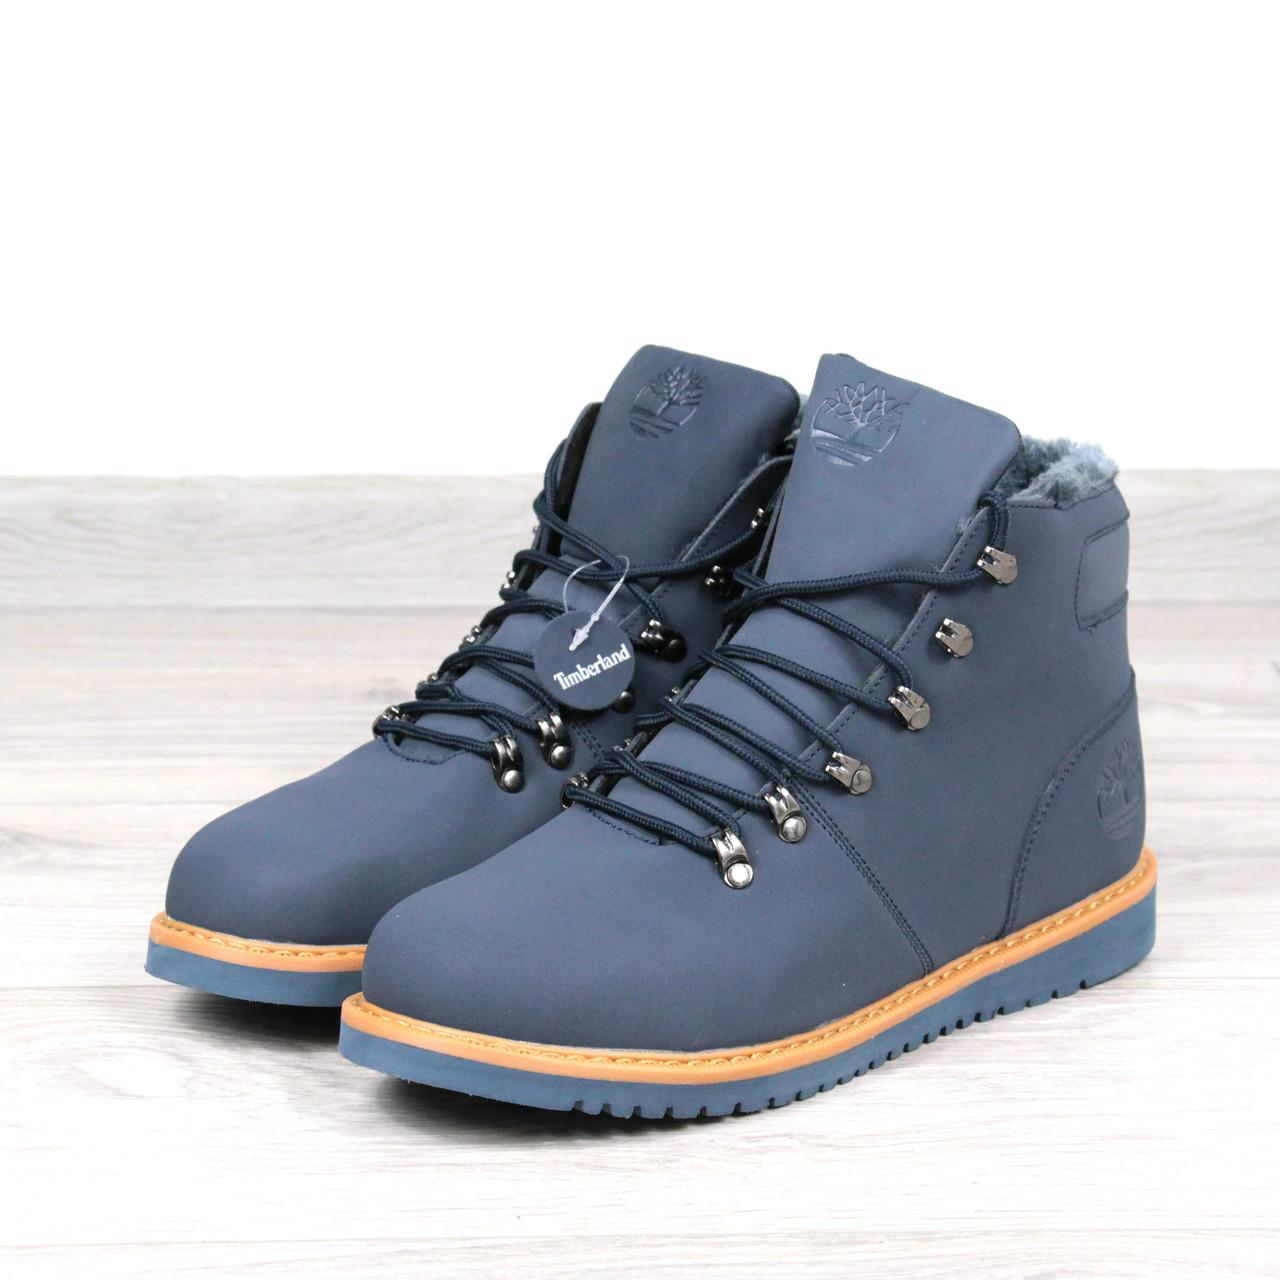 Ботинки Мужские зимние Timberland синие мех 3788 4c33b9892f8f6